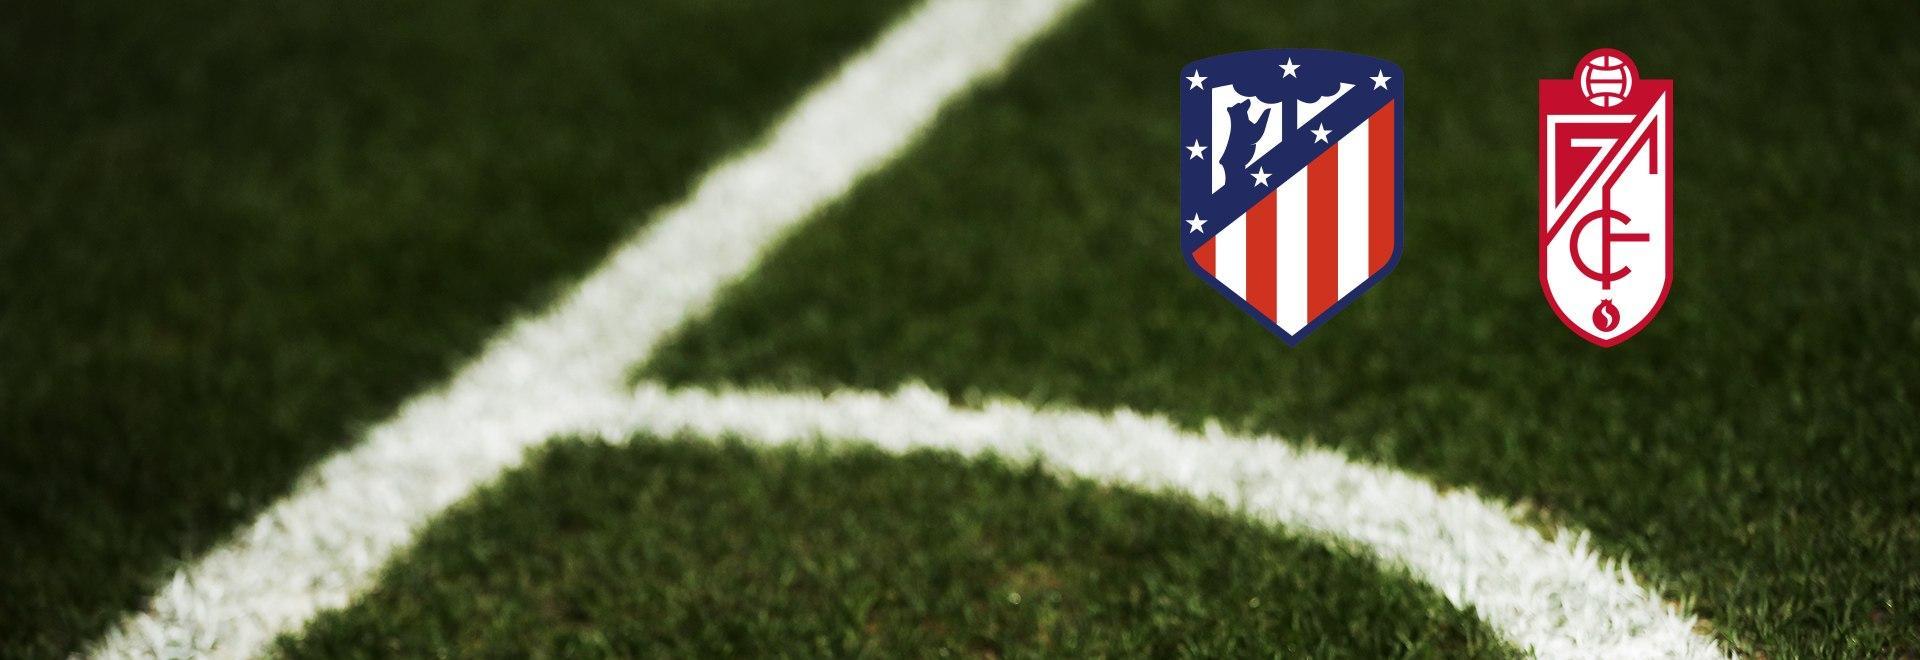 Atletico M. - Granada. 23a g.